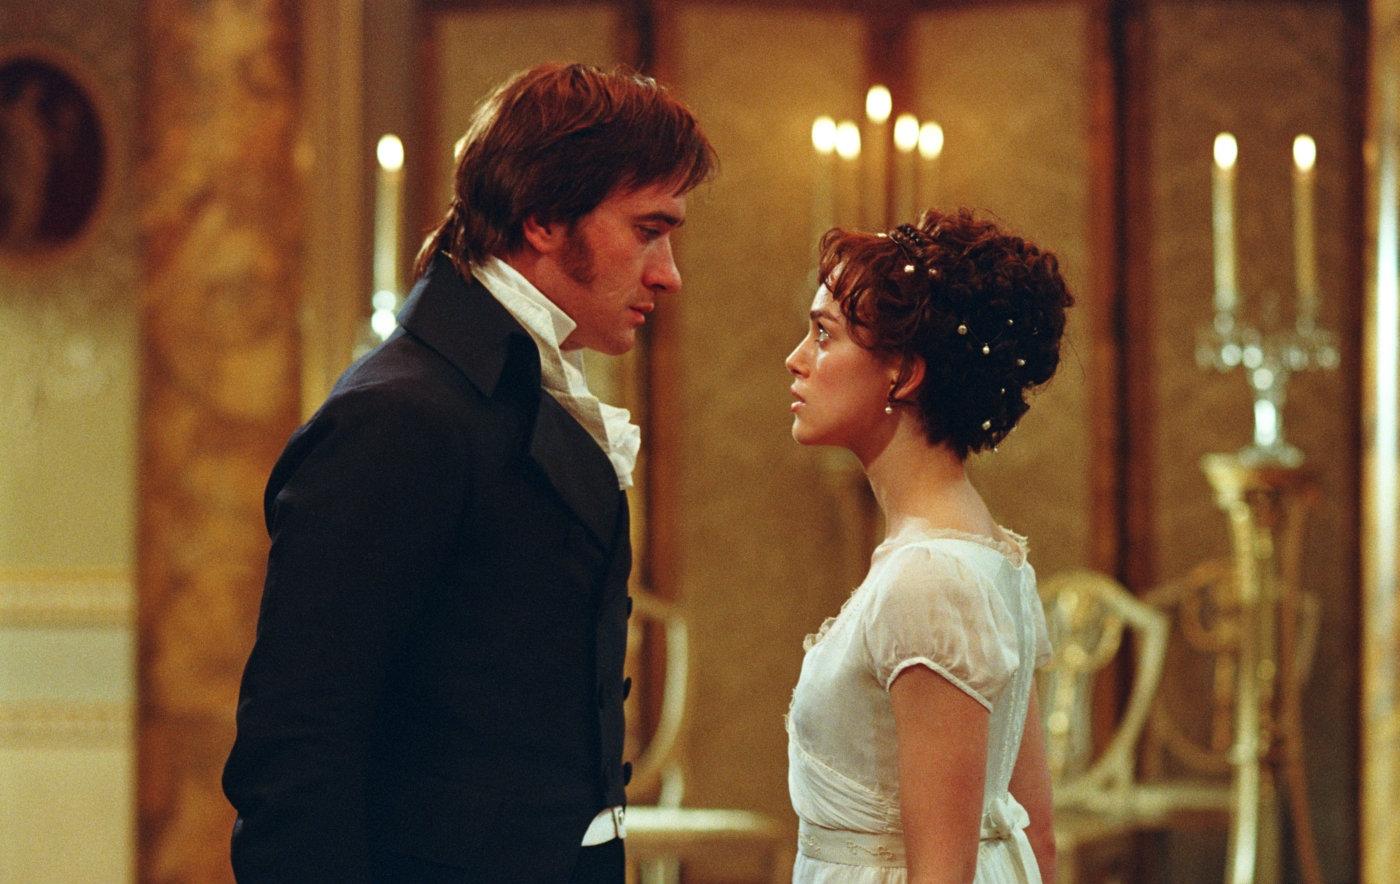 клипы романтические о любви скачать